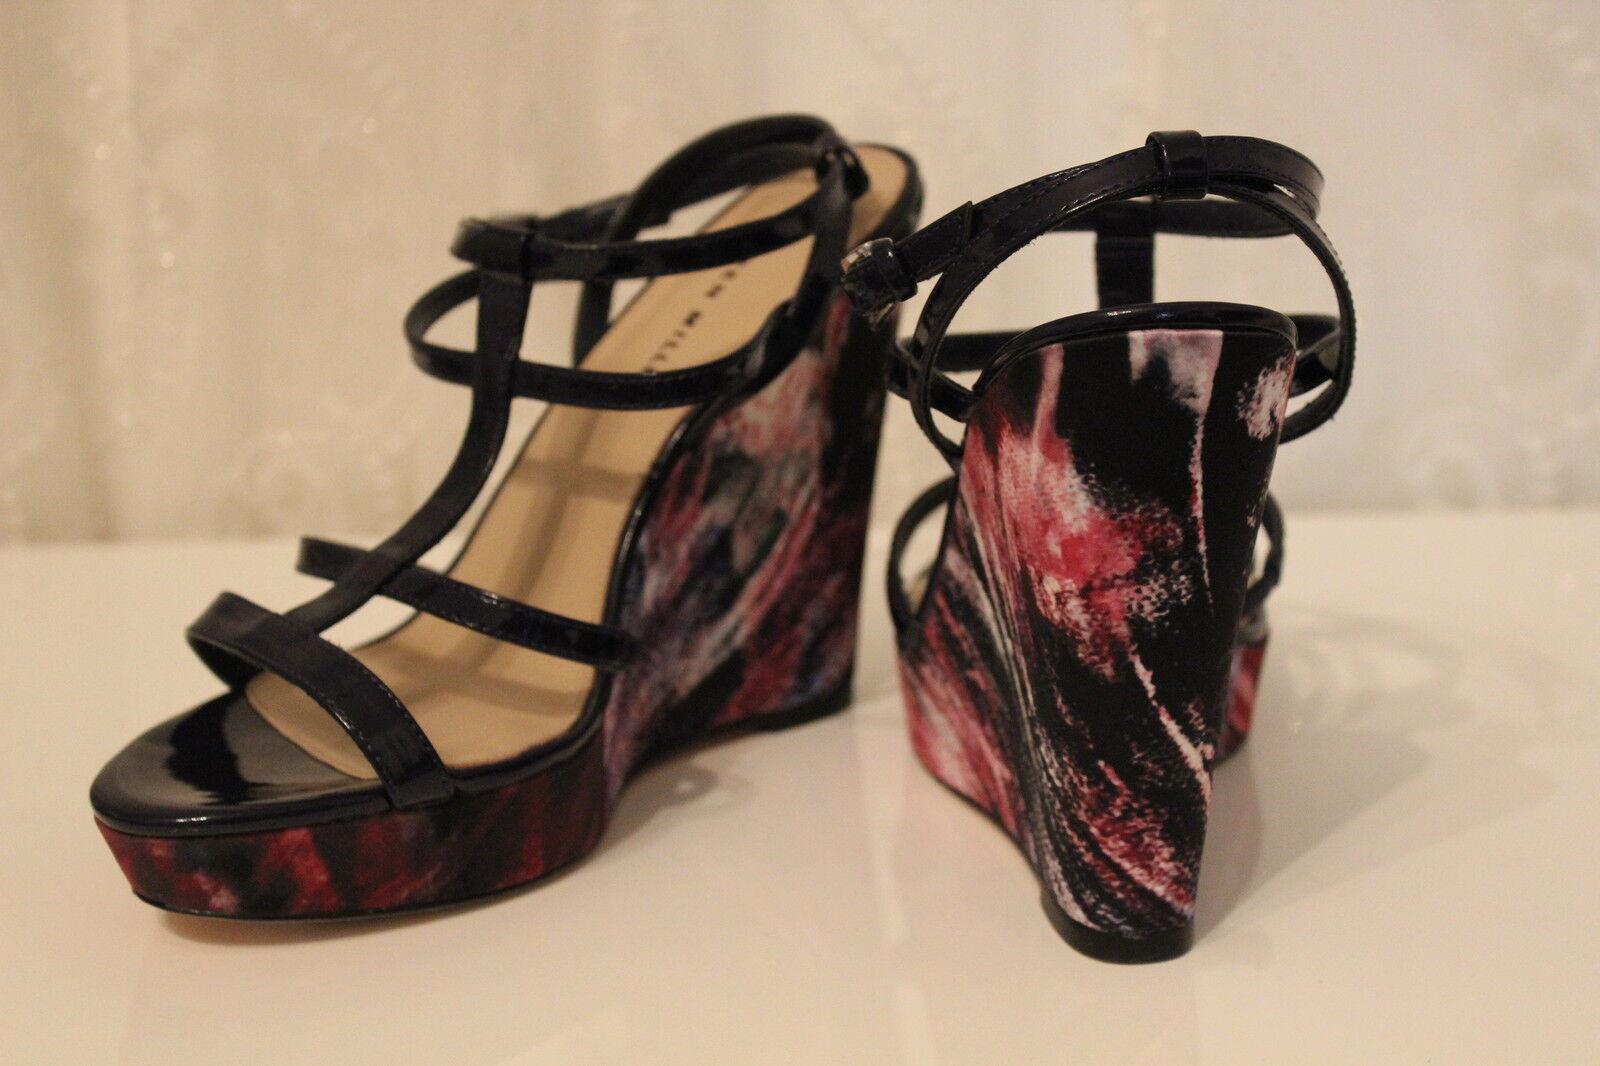 Karen Millen FN091 tropical apilados Cuña Sandalias De Tiras Púrpura Zapatos